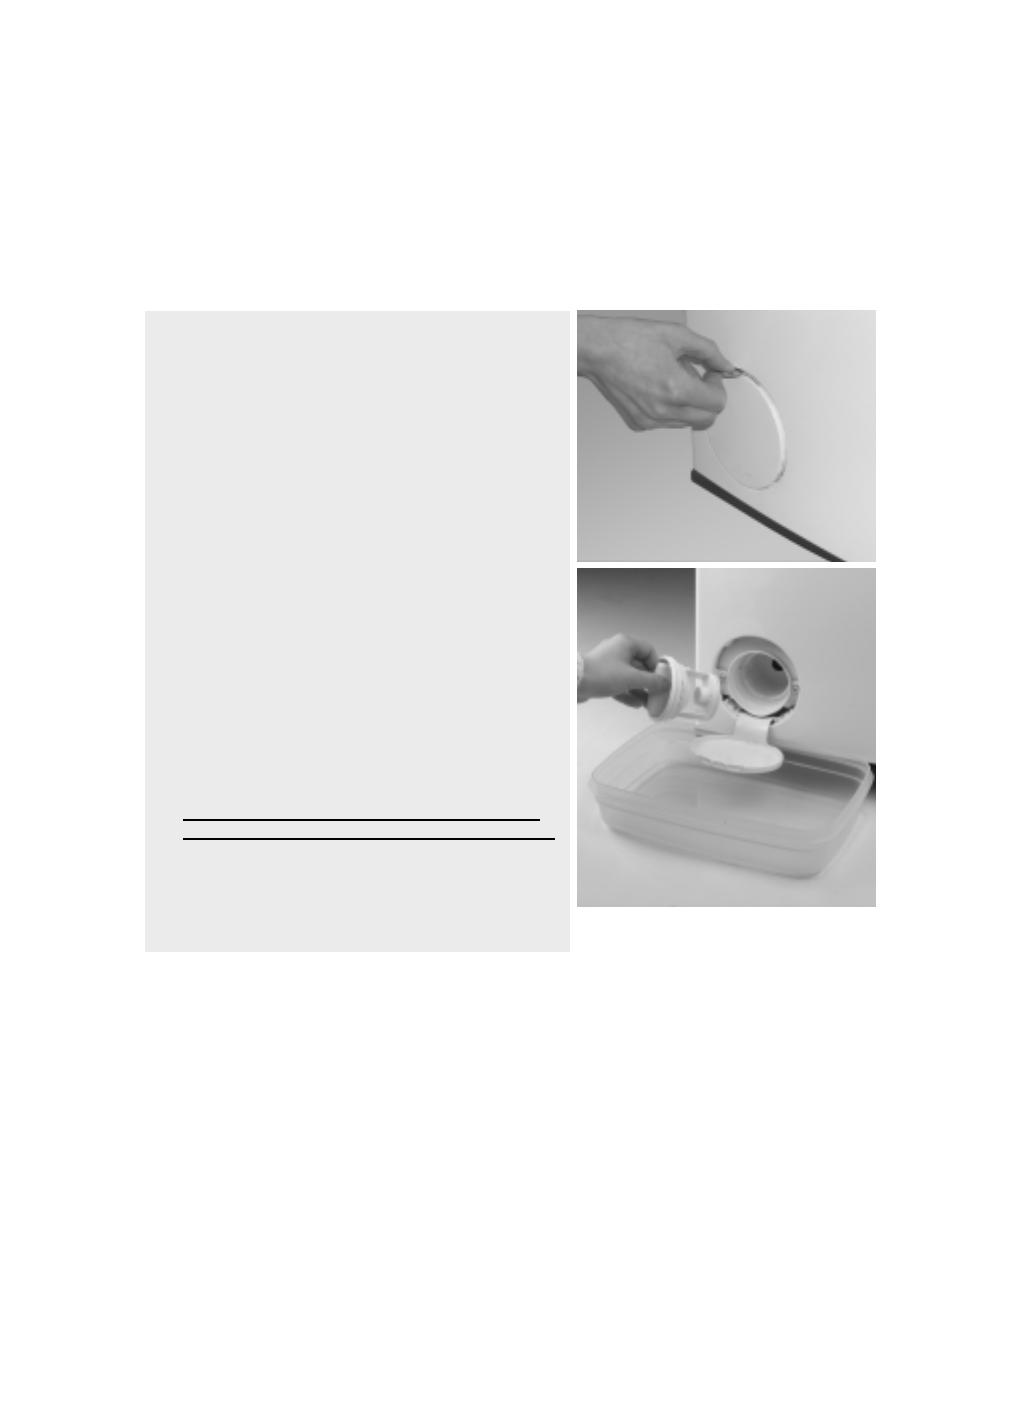 bedienungsanleitung whirlpool awe 5125 seite 9 von 18. Black Bedroom Furniture Sets. Home Design Ideas